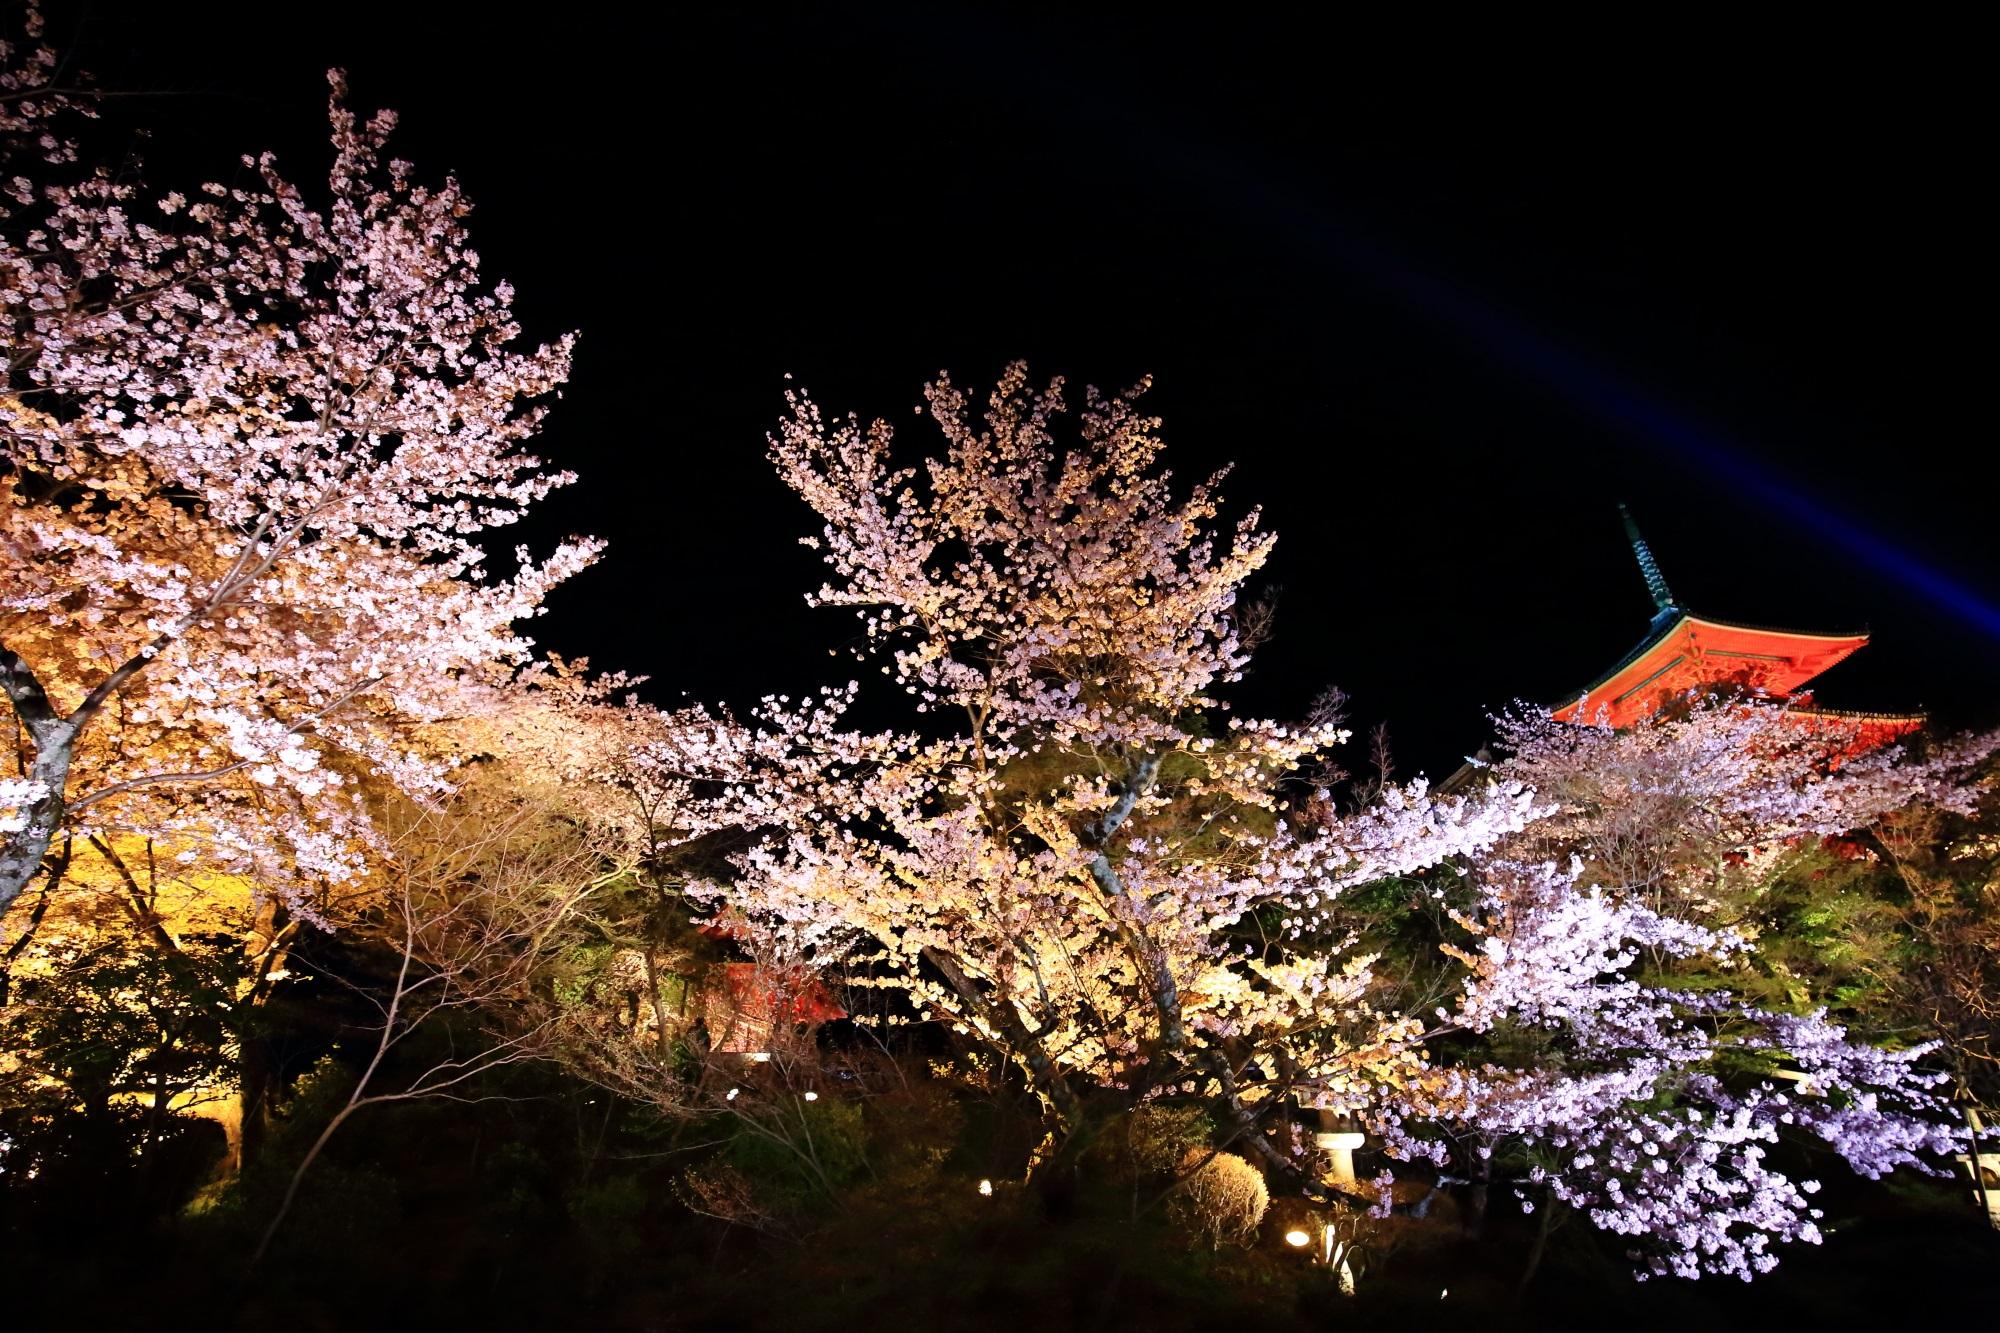 鮮やかな朱色の三重塔と見事な彩りの夜桜